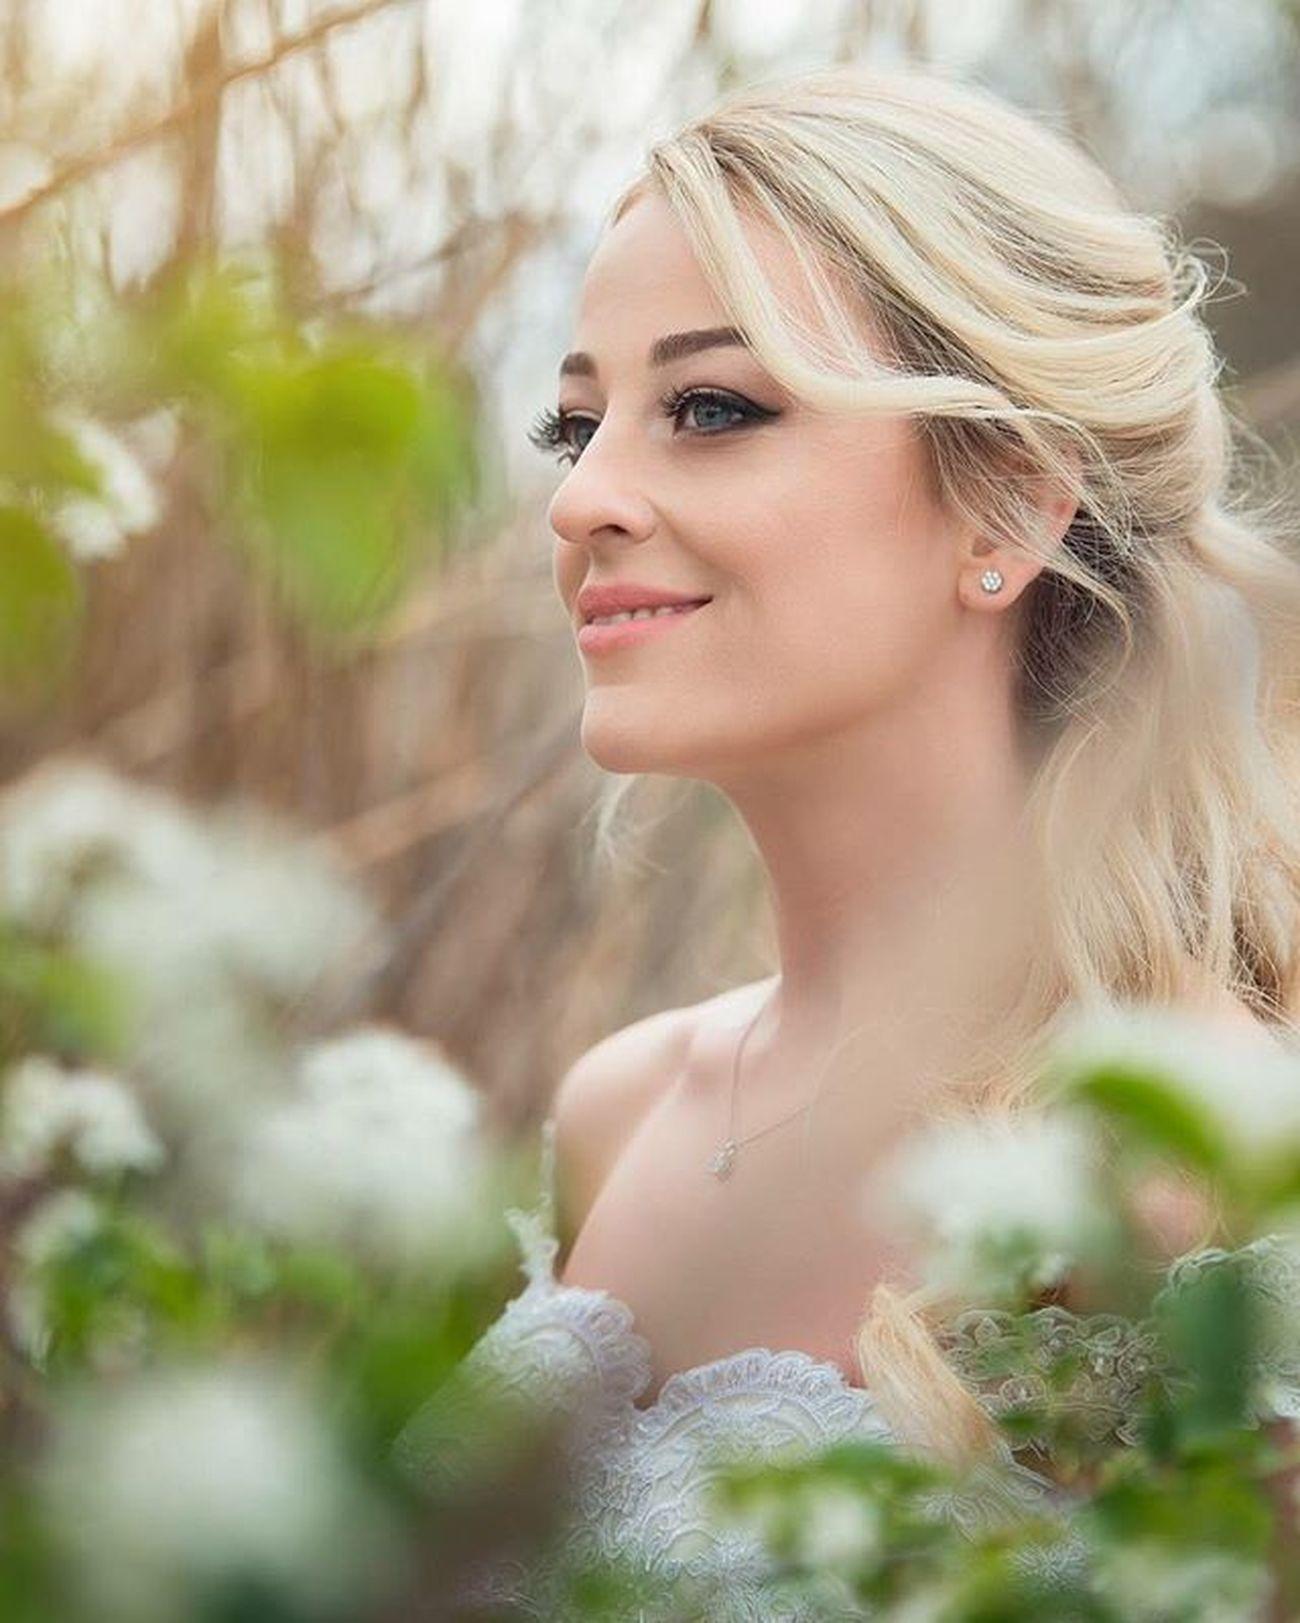 Elif & Emrah neşeli çiftimize bir ömür mutluluklar dileriz... Weddingphotography Weddingaccessories Bride Marriage  Married Instawedding Pictureoftheday Groom Love Dugunfotografi Dugunfotografcisi Dugun Gelin Gelinmakyajı Fotograf NİSAN Enmutlugun Aşkh